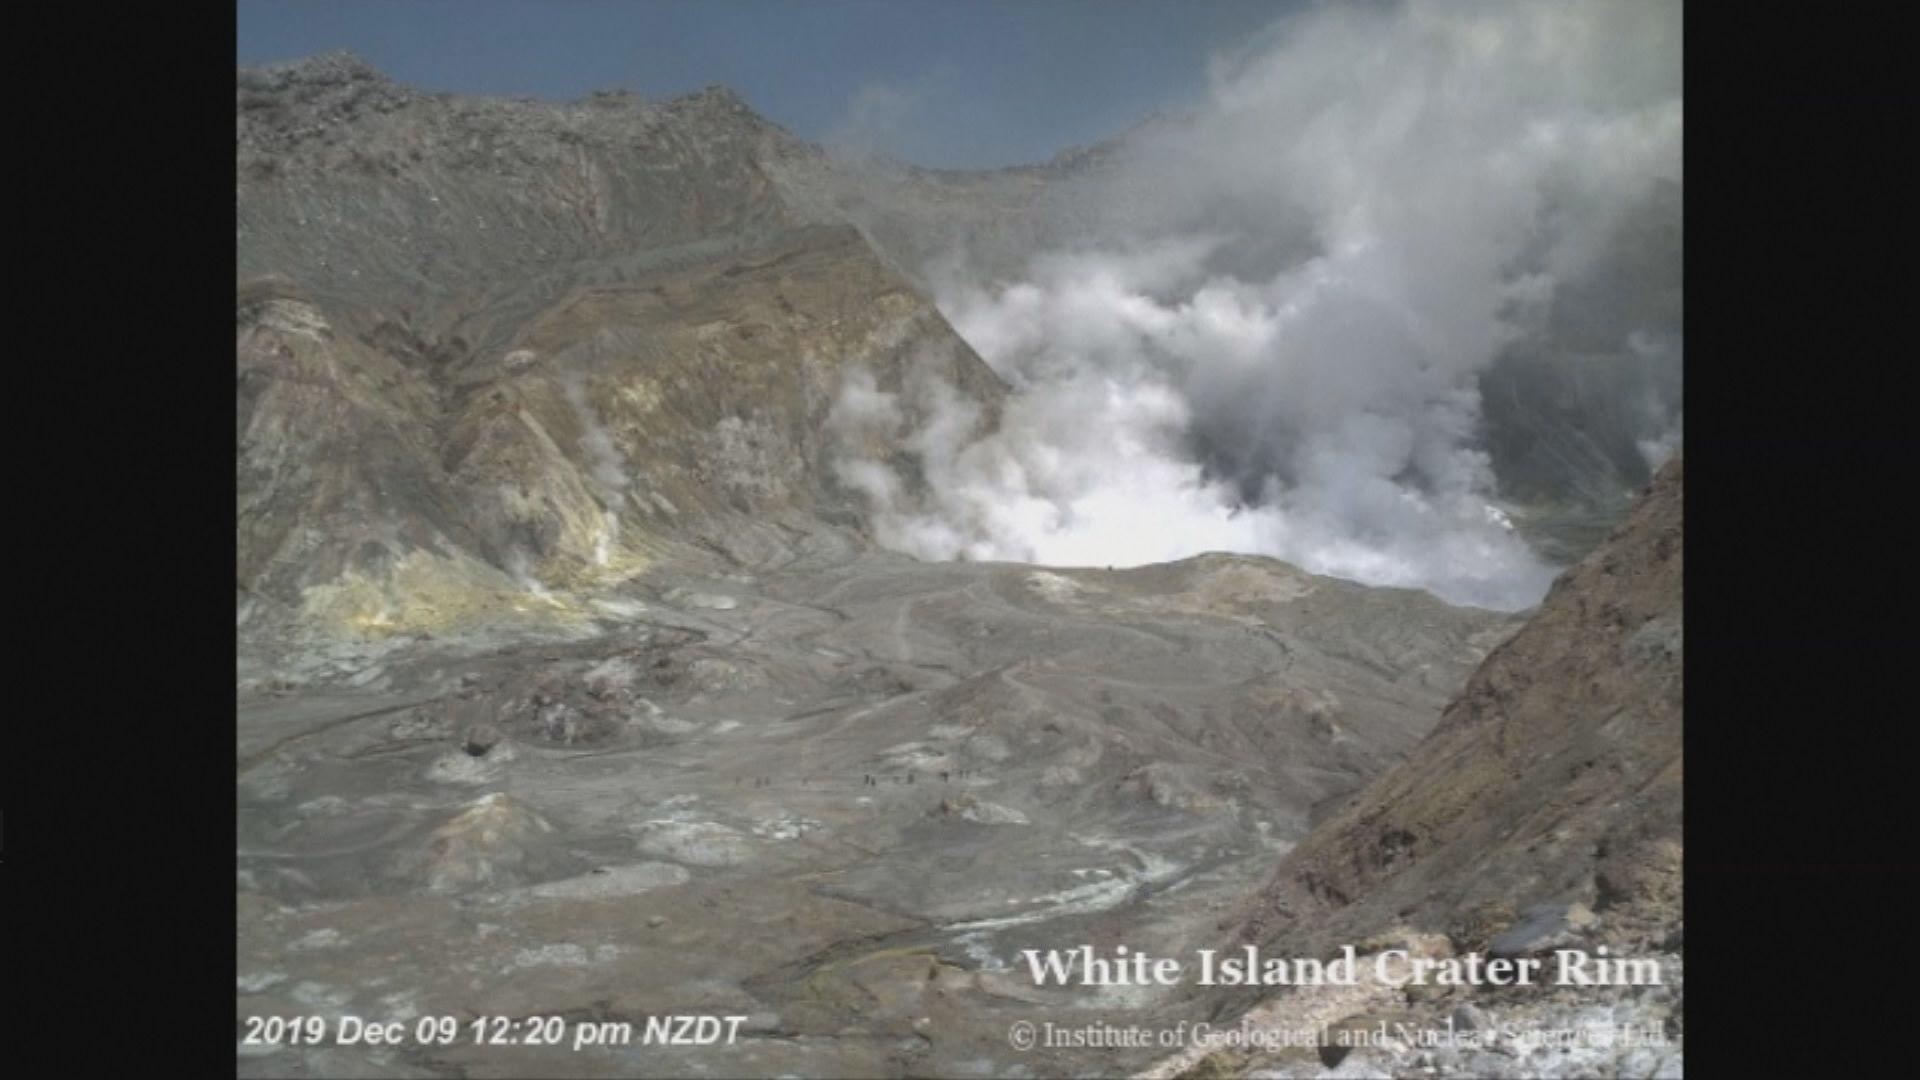 新西蘭懷特島火山爆發失蹤者包括中國人